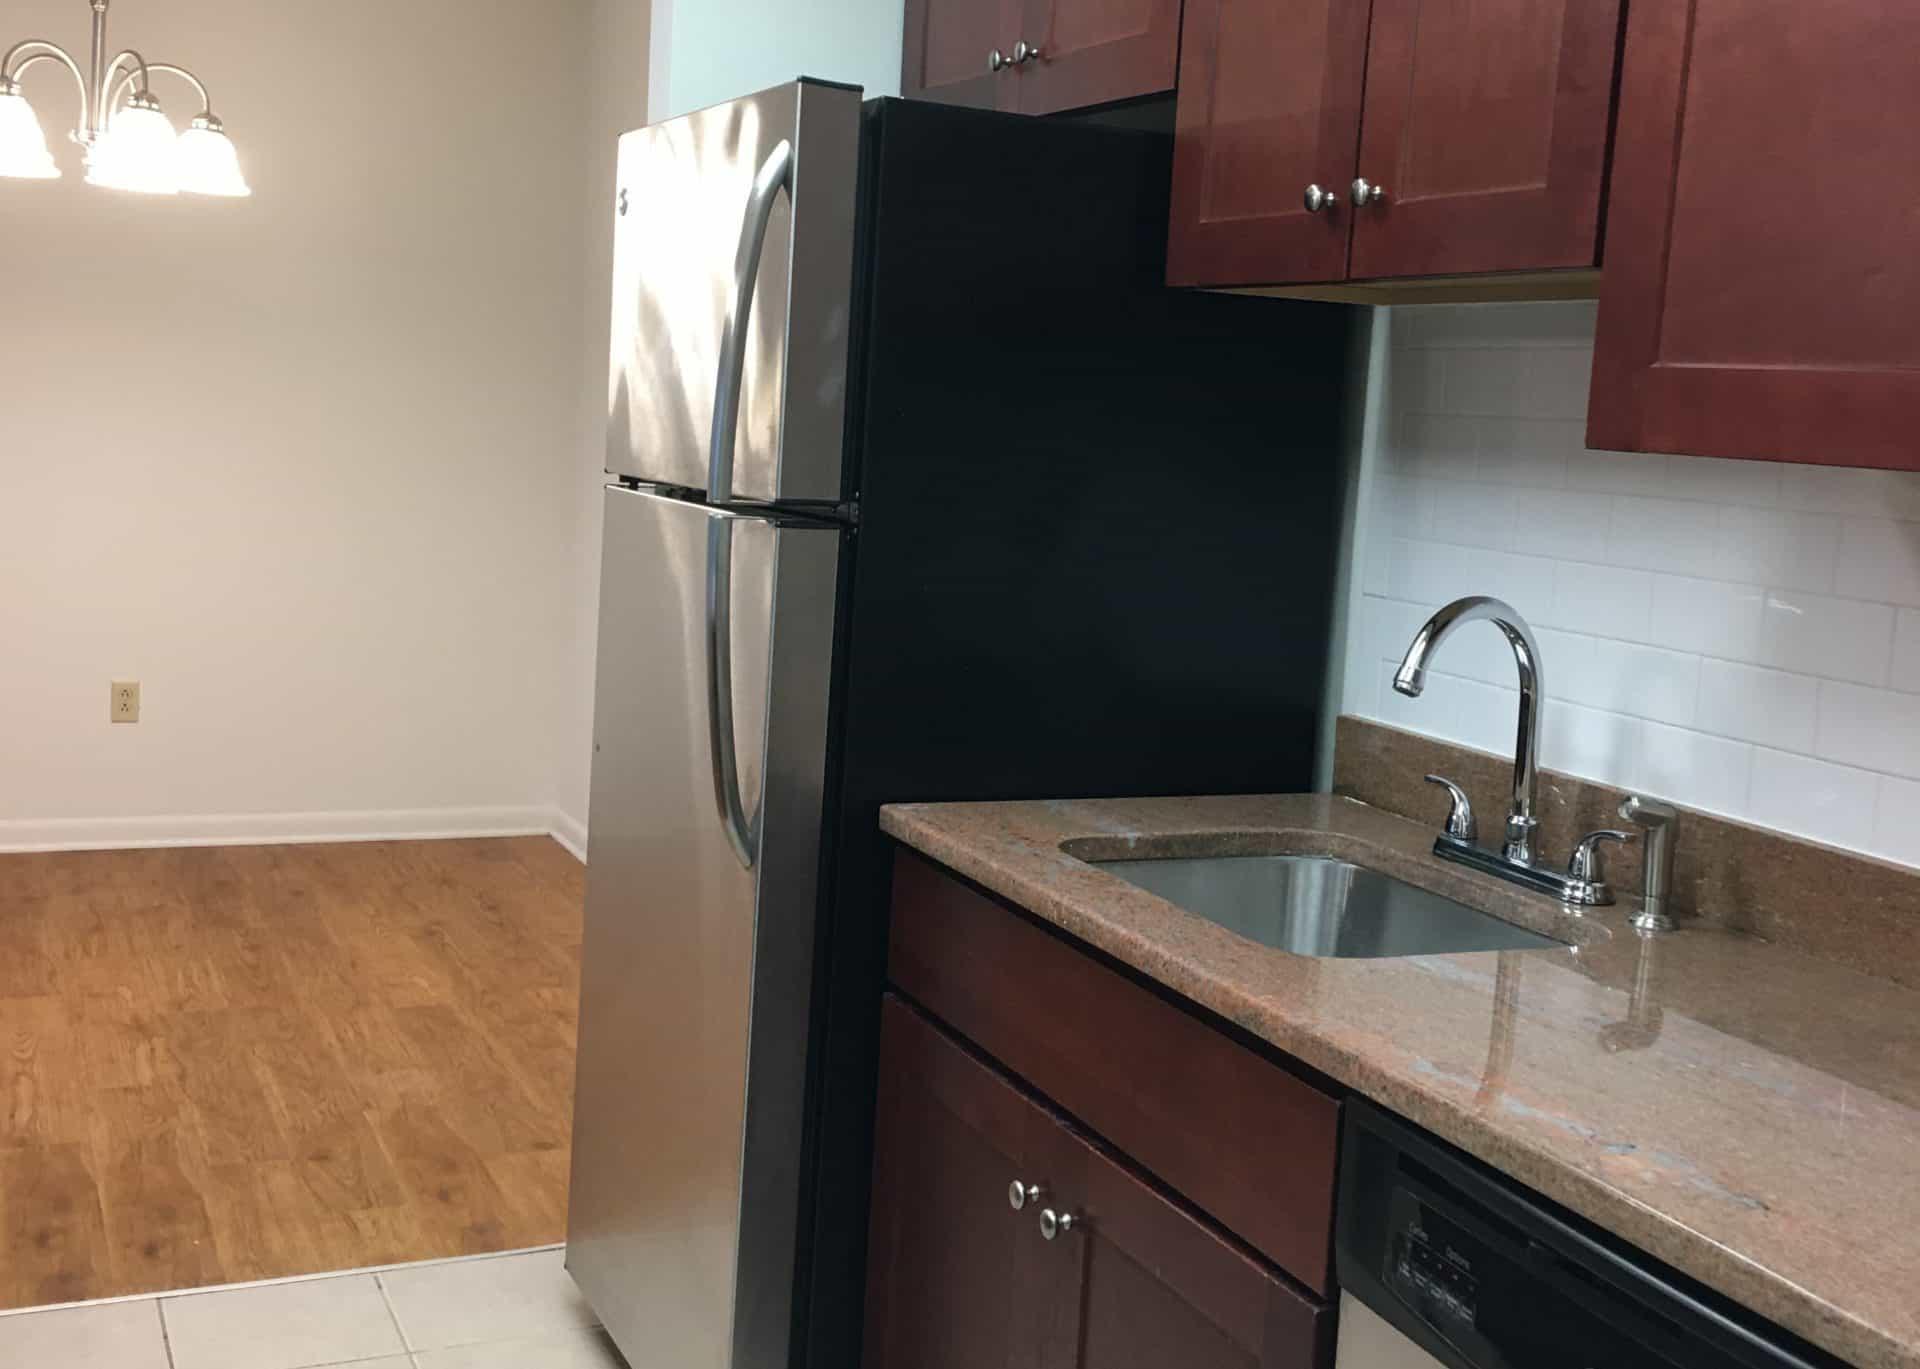 kitchen sink and fridge